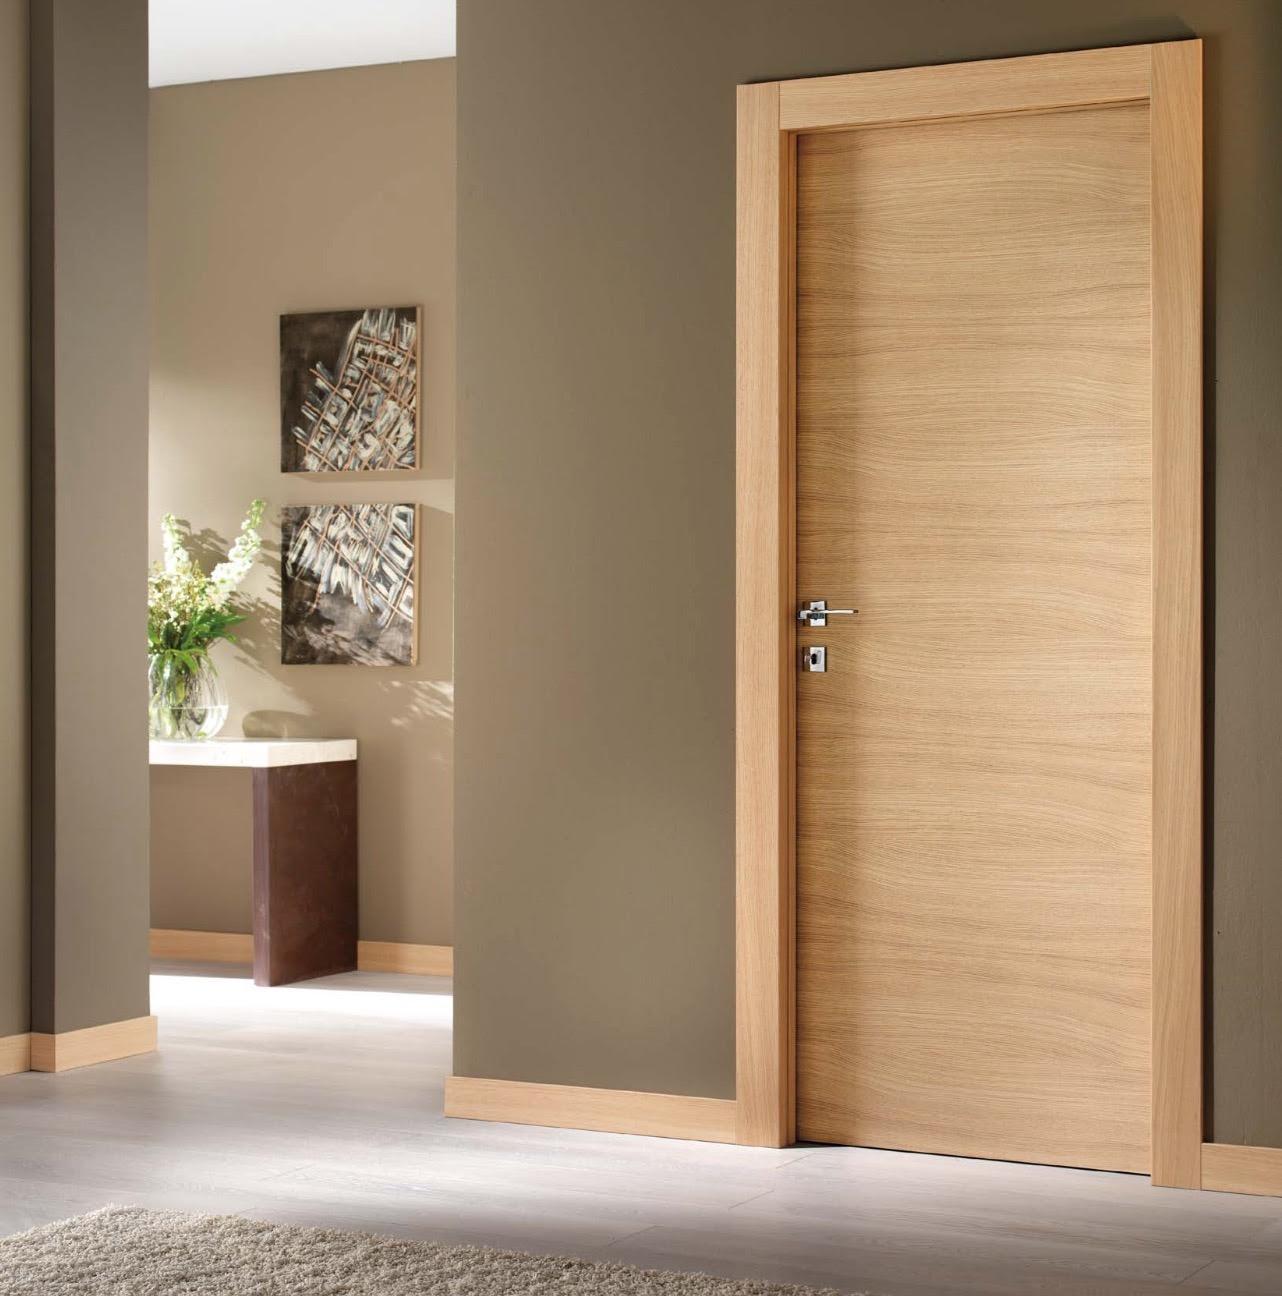 Walnut Veneer Flush Wooden Main Door Design